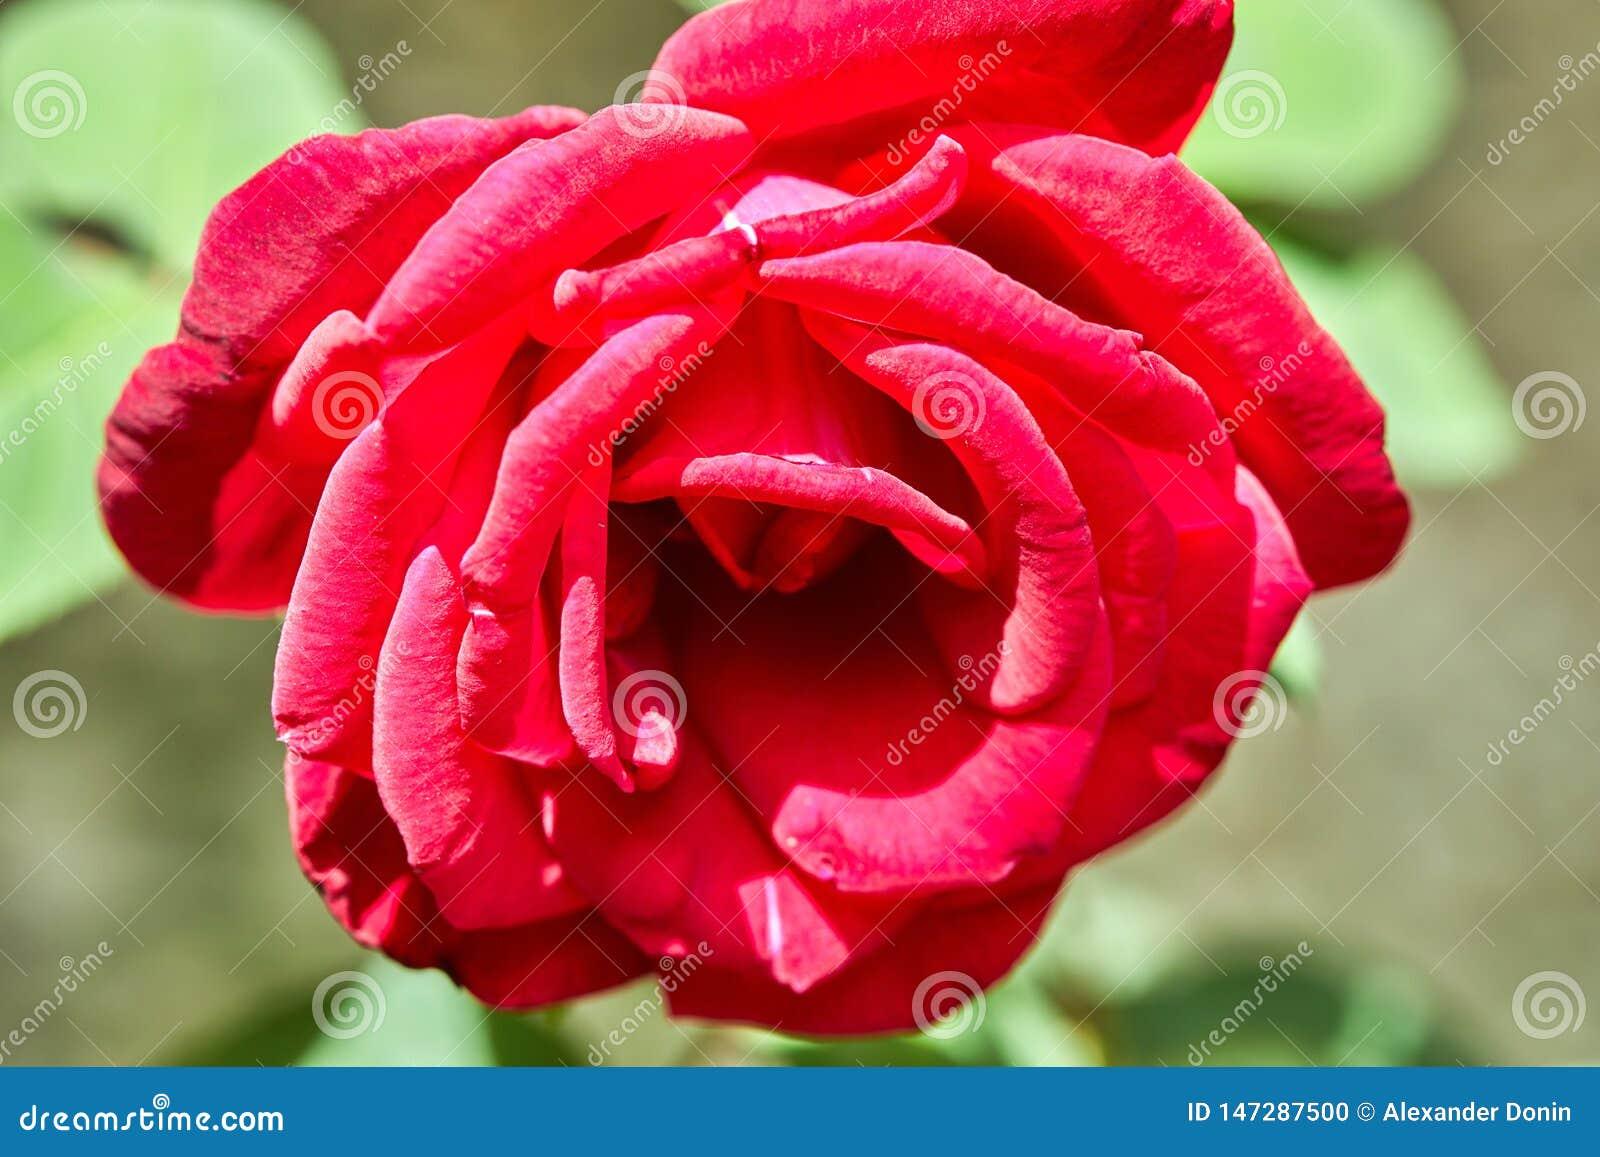 Rote wachsende Blume - Rose auf einem Blumenbeet im Park